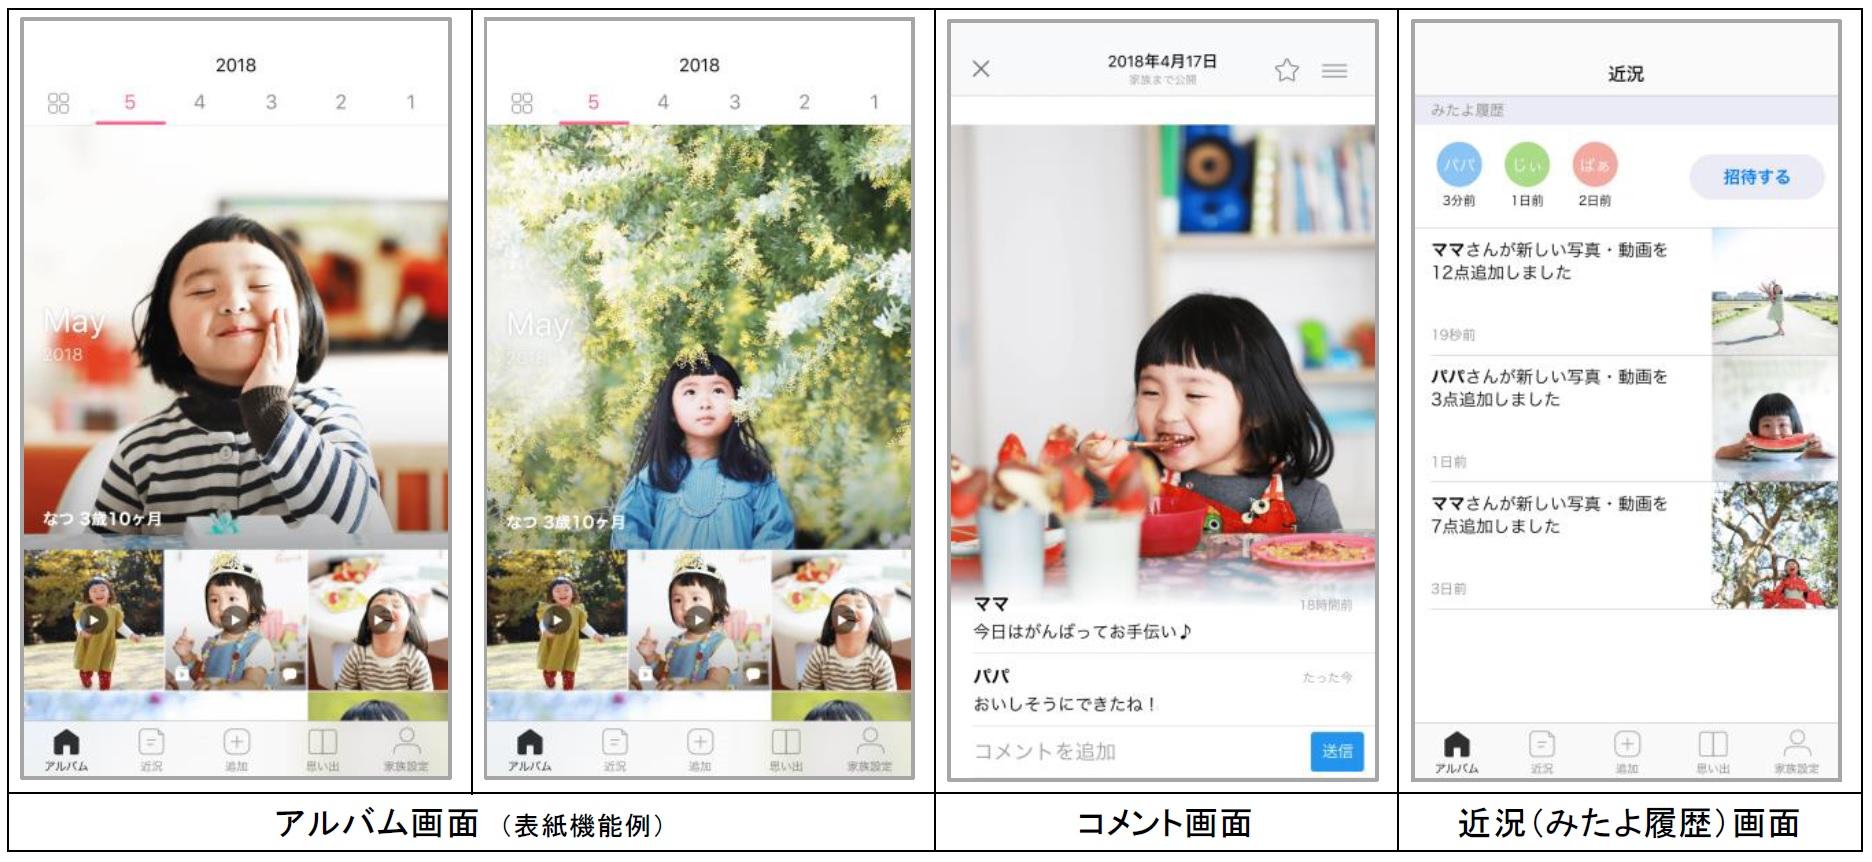 家族向け写真・動画共有アプリ「家族アルバム みてね」 利用者数500万人を突破!